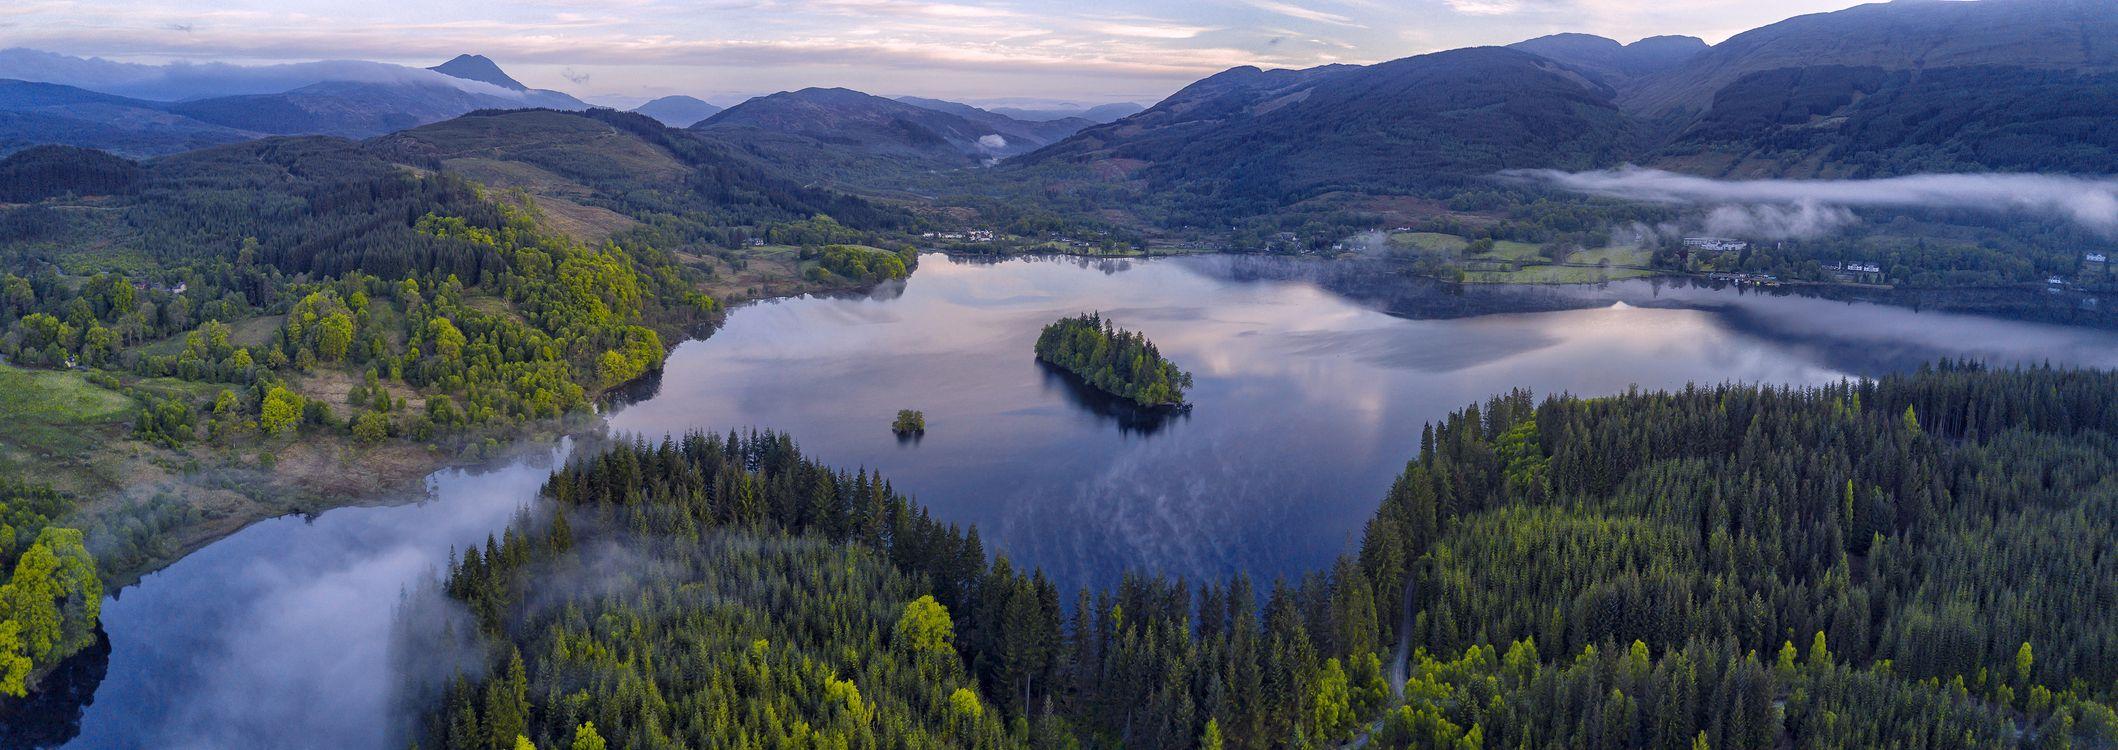 Фото бесплатно Панорама, Лох-Арда, Троссач Лох-Ломонд, национальный парк Троссахс, Шотландия, Бен Ломонд, горы, озеро, остров, деревья, пейзаж, пейзажи